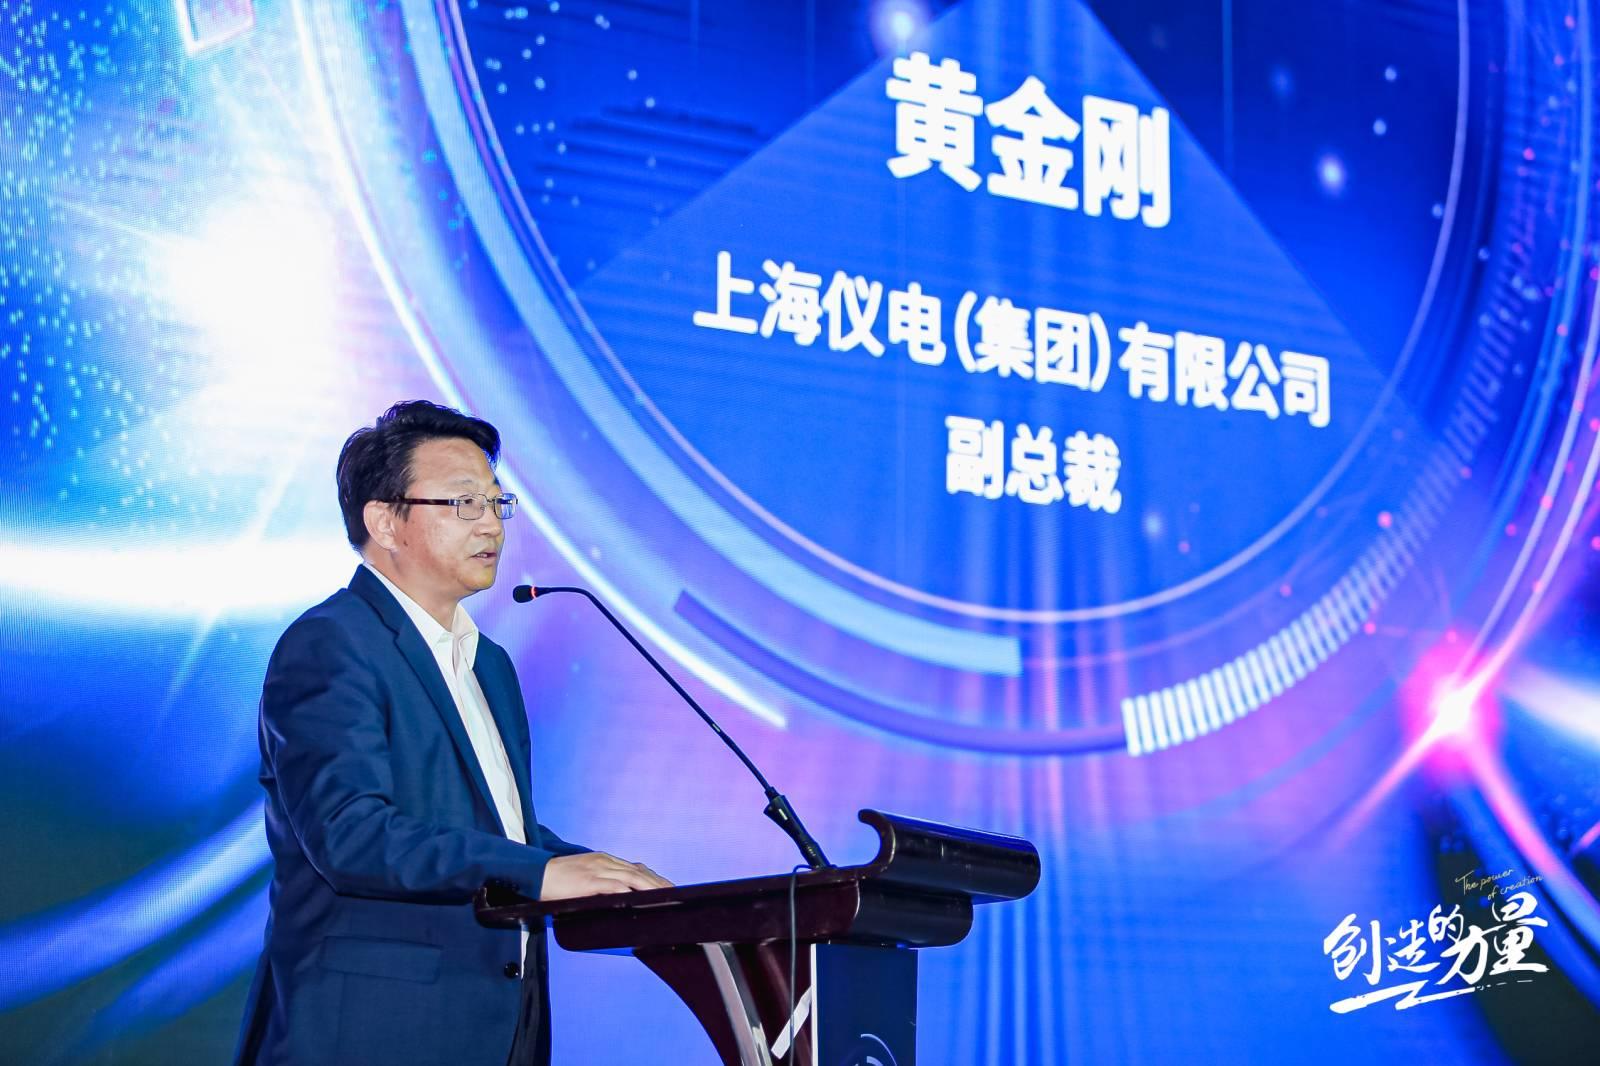 上海仪电(集团)有限公司副总裁黄金刚